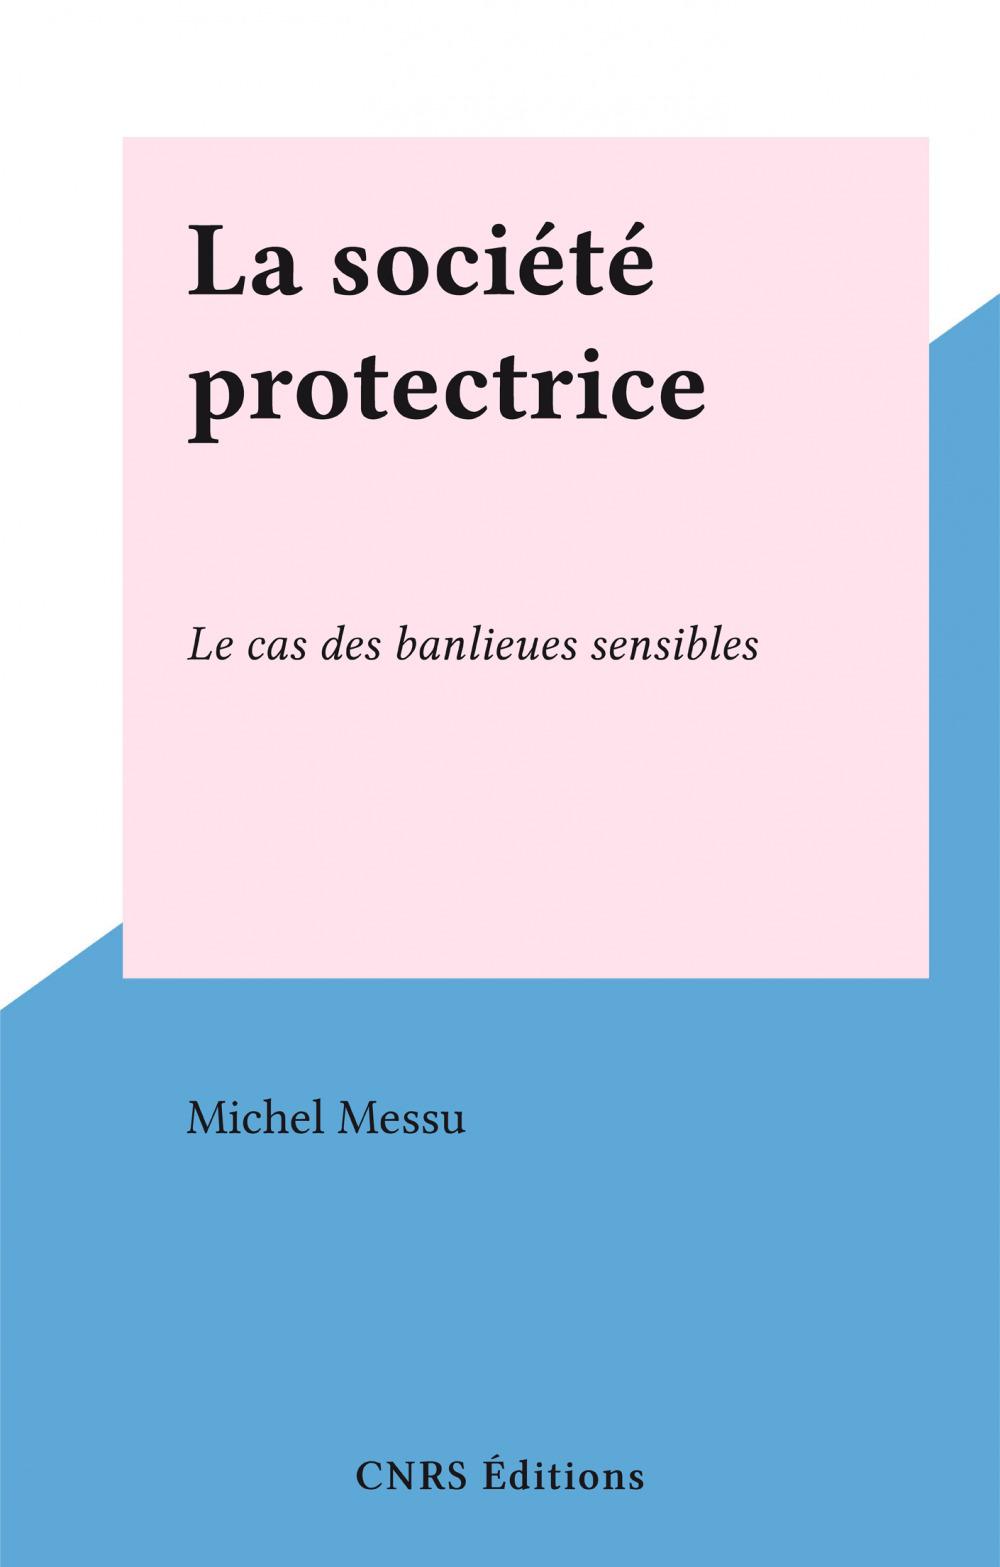 La société protectrice